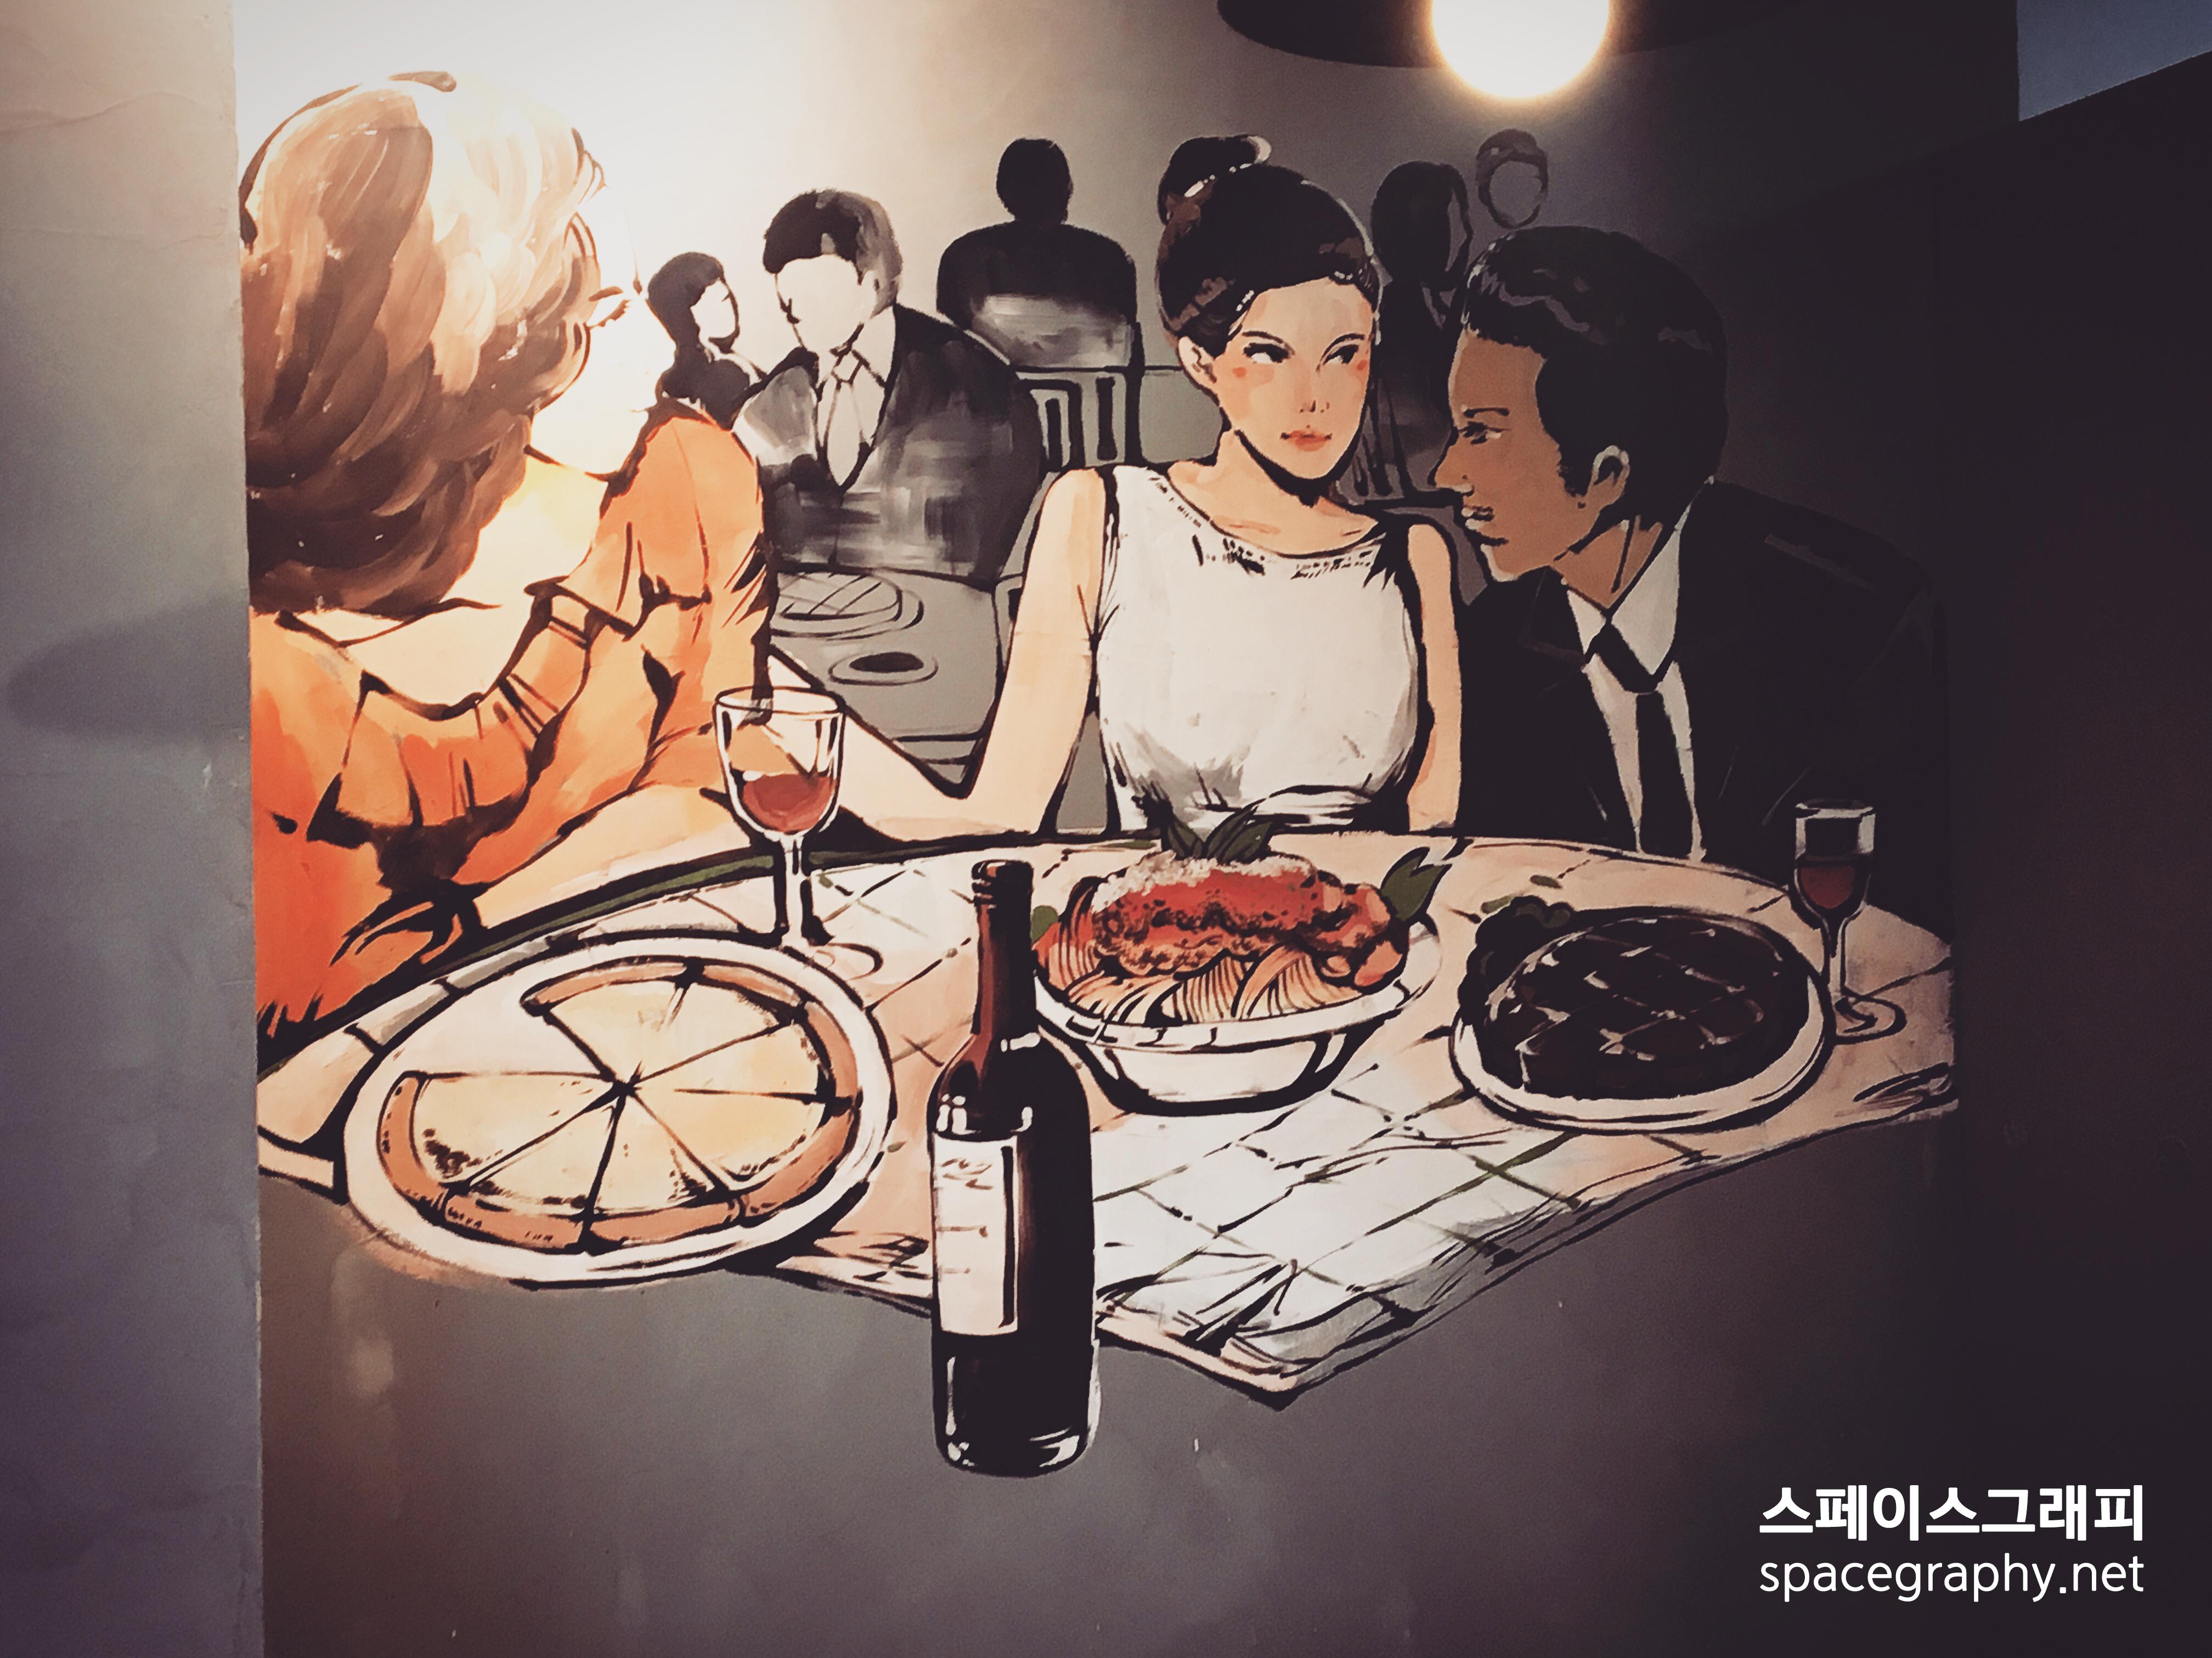 이탈리아음식점_레스토랑벽화_레스토랑인테리어_스페이스그래피_실내벽화_2